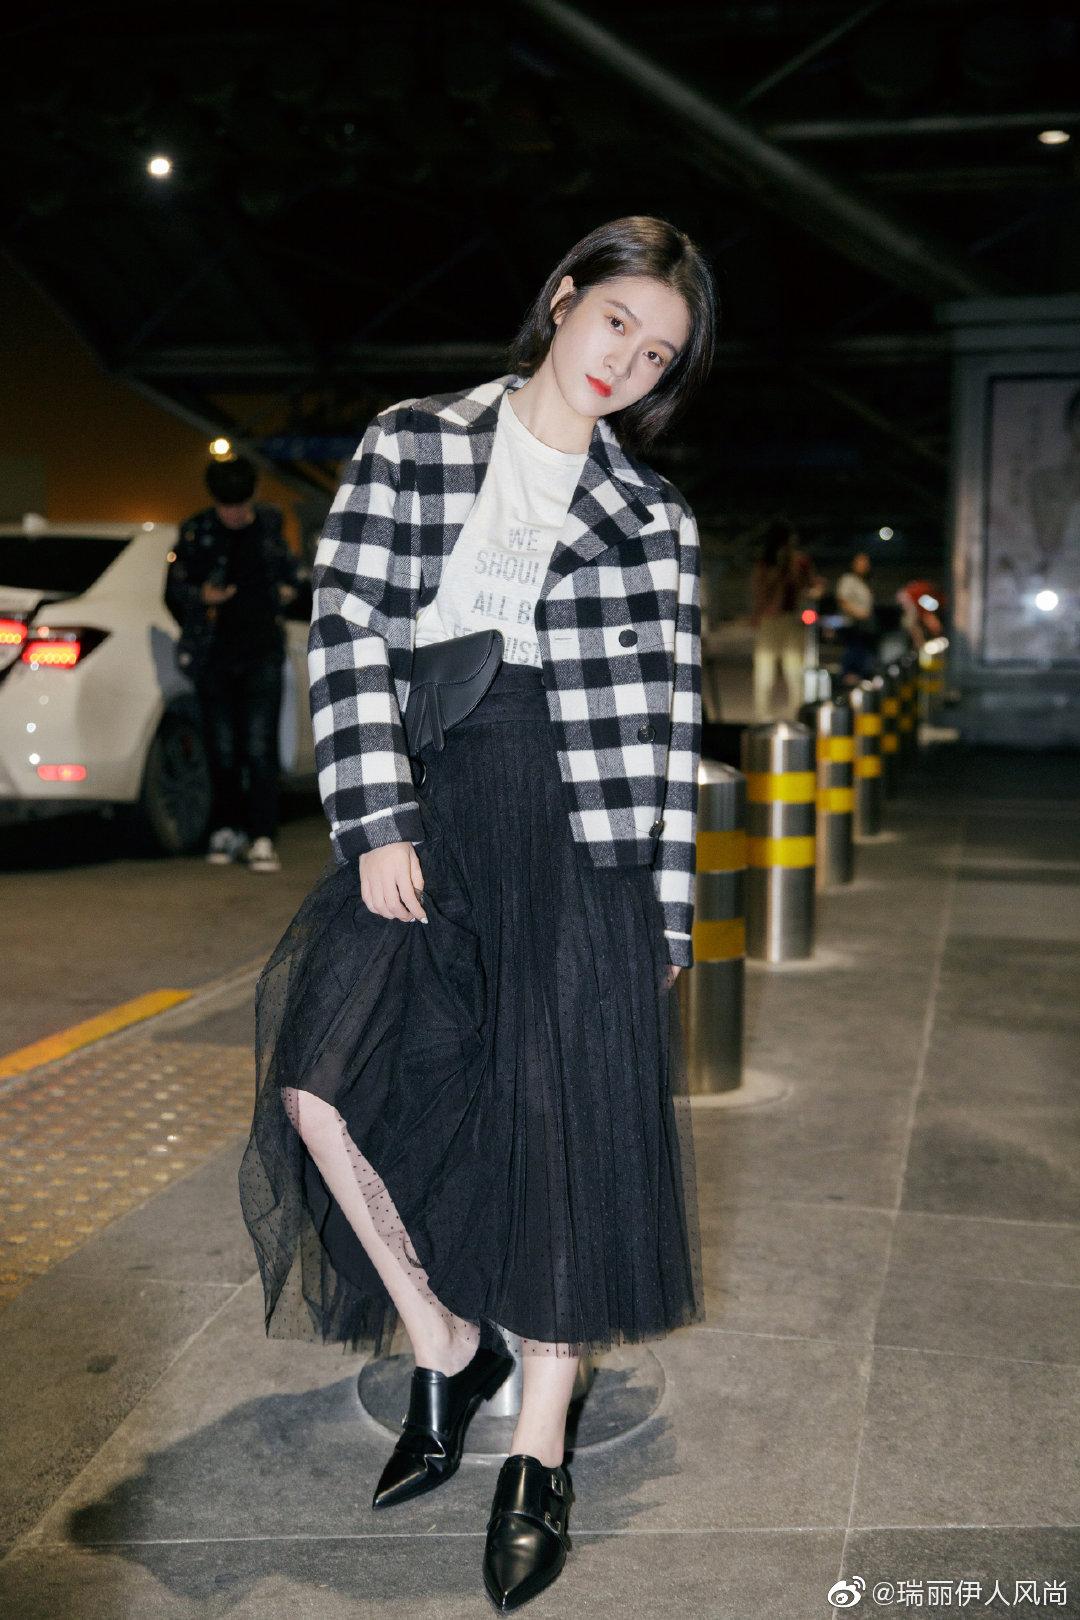 作为新晋品牌大使@张雪迎Sophie 以一身黑白色系穿搭现身首都机场